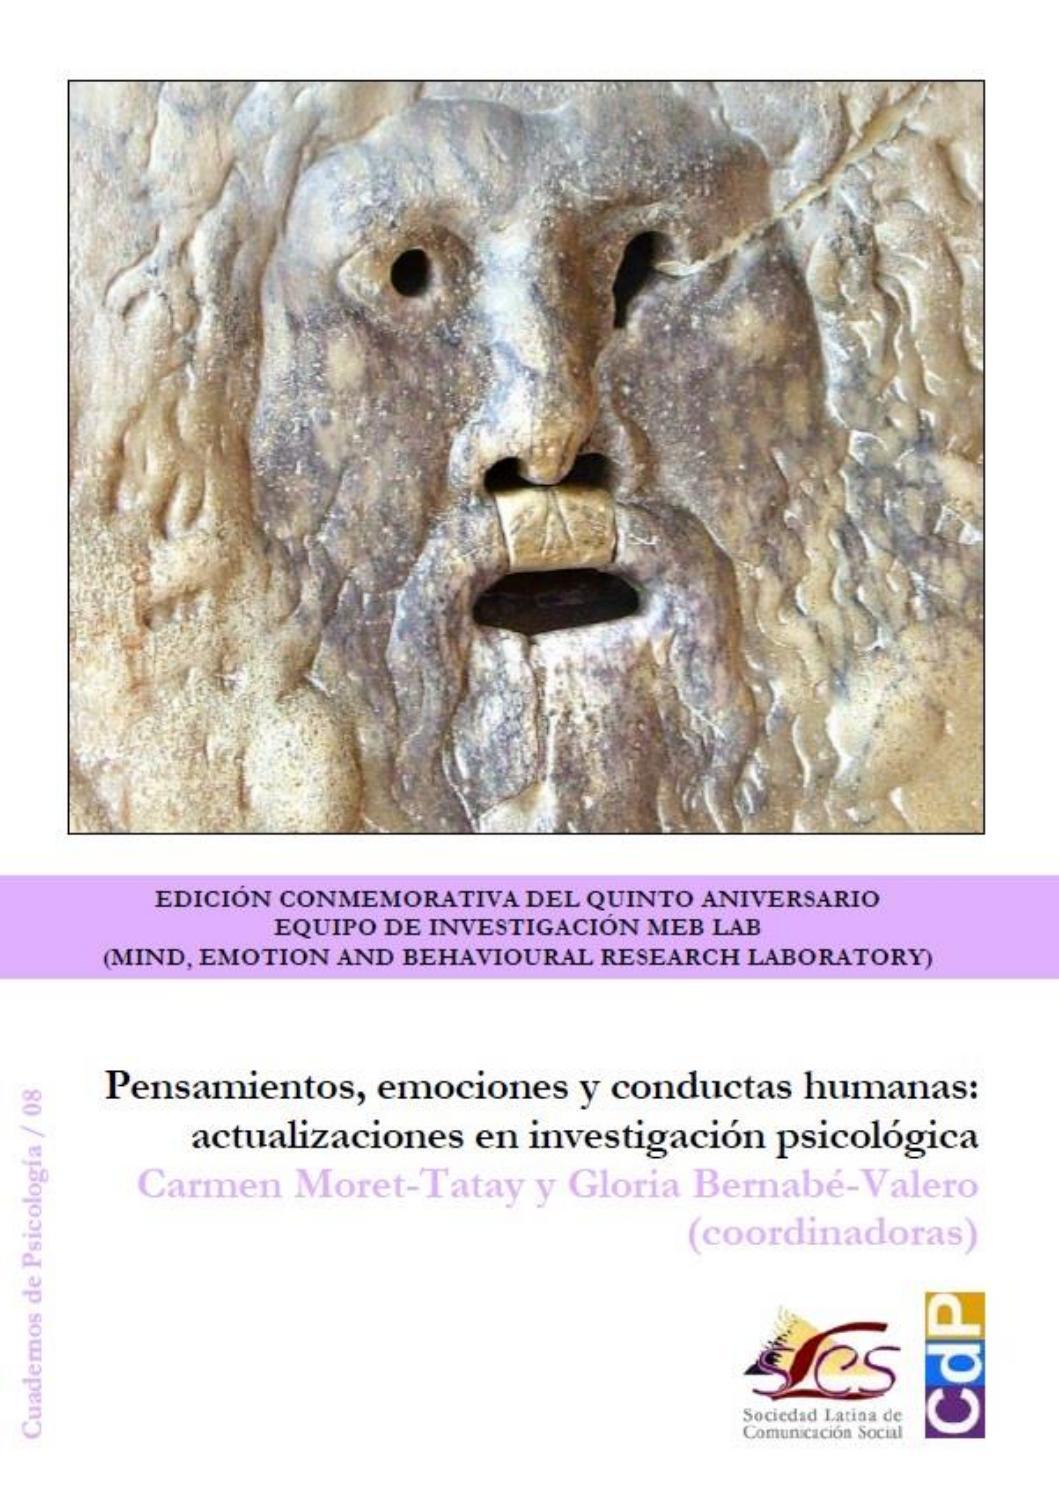 Pensamientos Emociones Y Conductas Humanas Actualizaciones En Investigación Psicológica By José Manuel De Pablos Coello Issuu